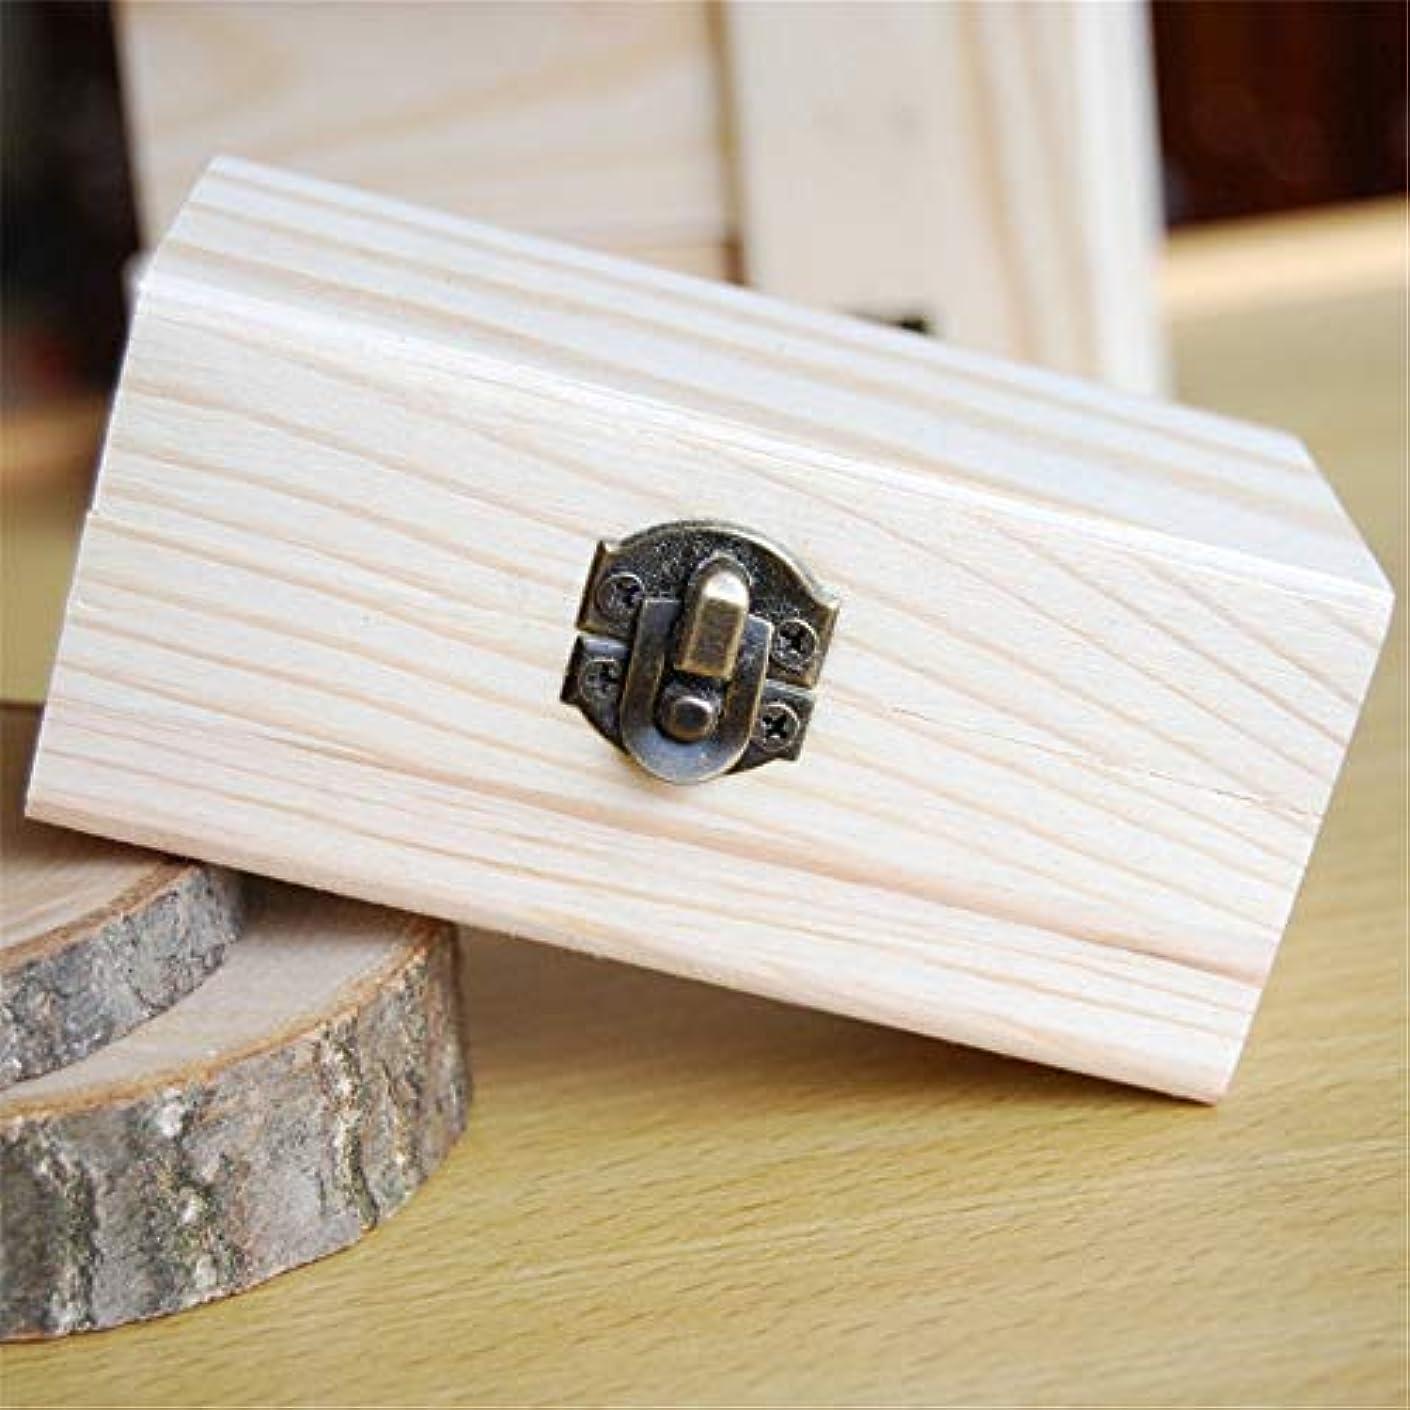 ひいきにする援助悪いエッセンシャルオイルストレージボックス 品質の木製エッセンシャルオイルストレージボックス安全に油を維持するためのベスト 旅行およびプレゼンテーション用 (色 : Natural, サイズ : 10X6X5CM)